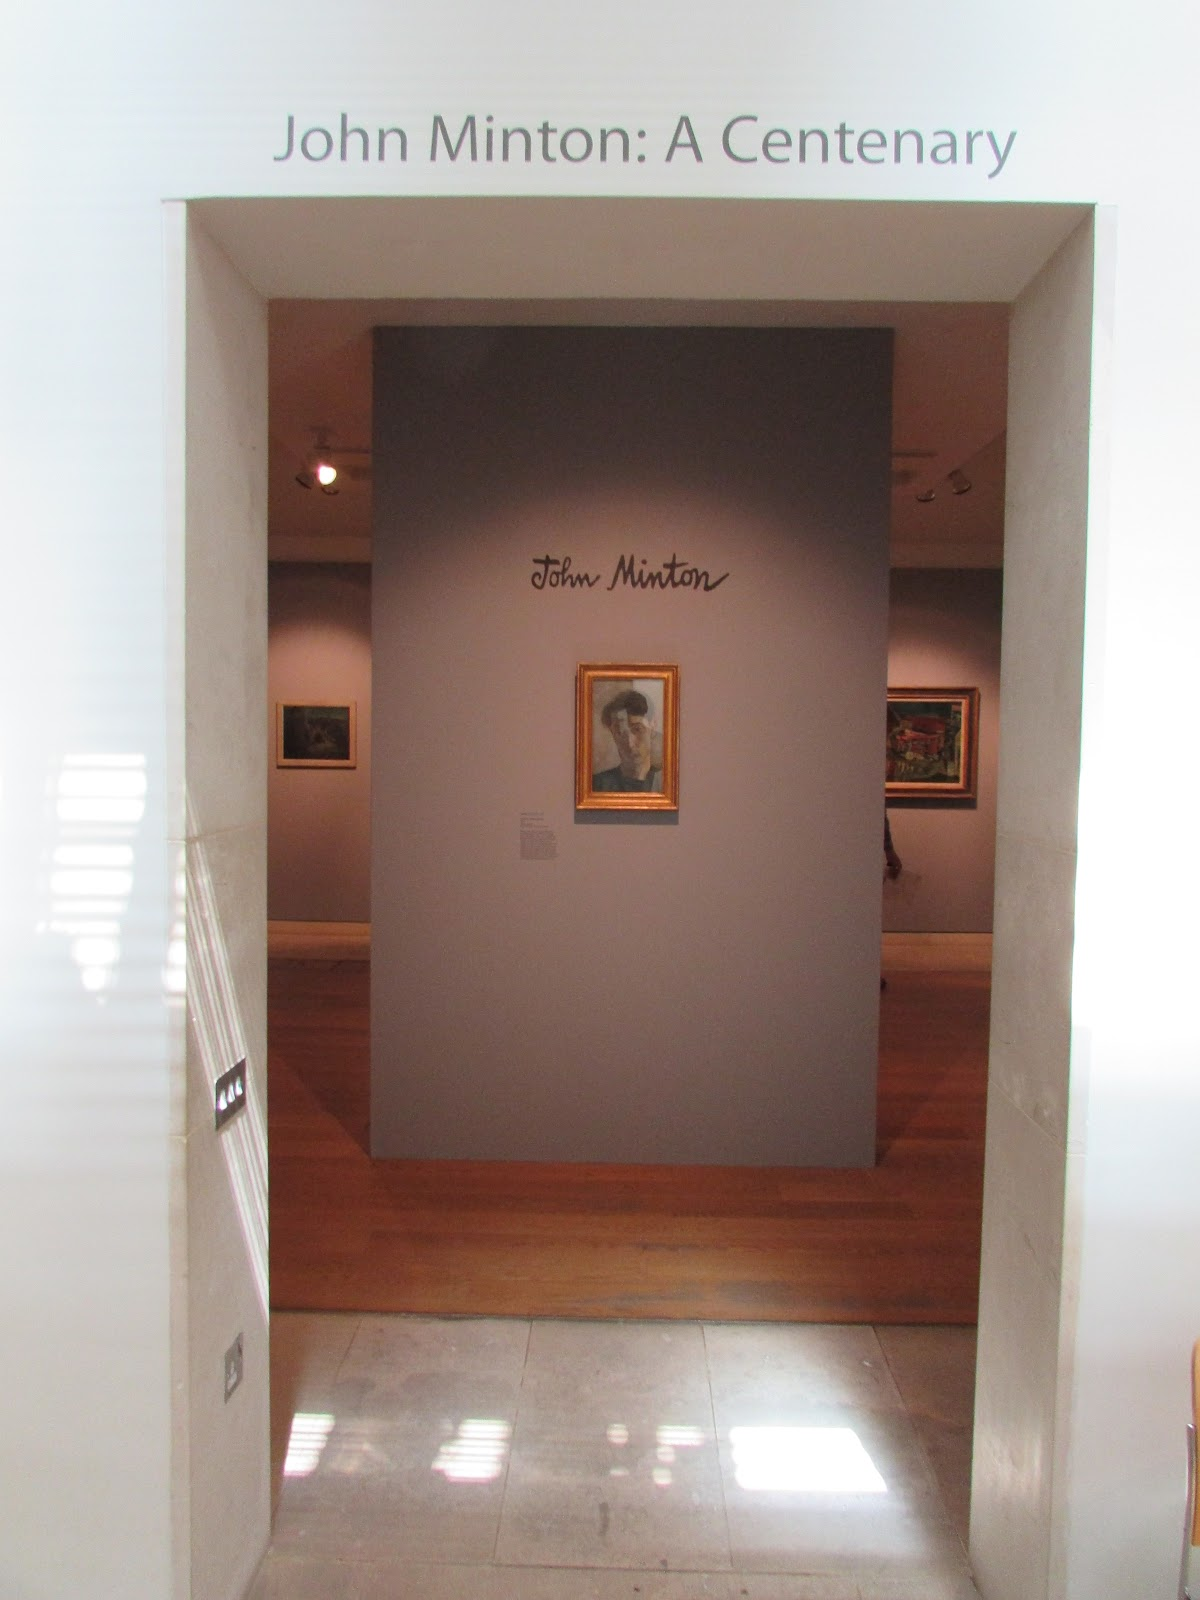 John Deakin - Portrait of John Minton Soho & joseph scissorhands: John Minton: A Centenary